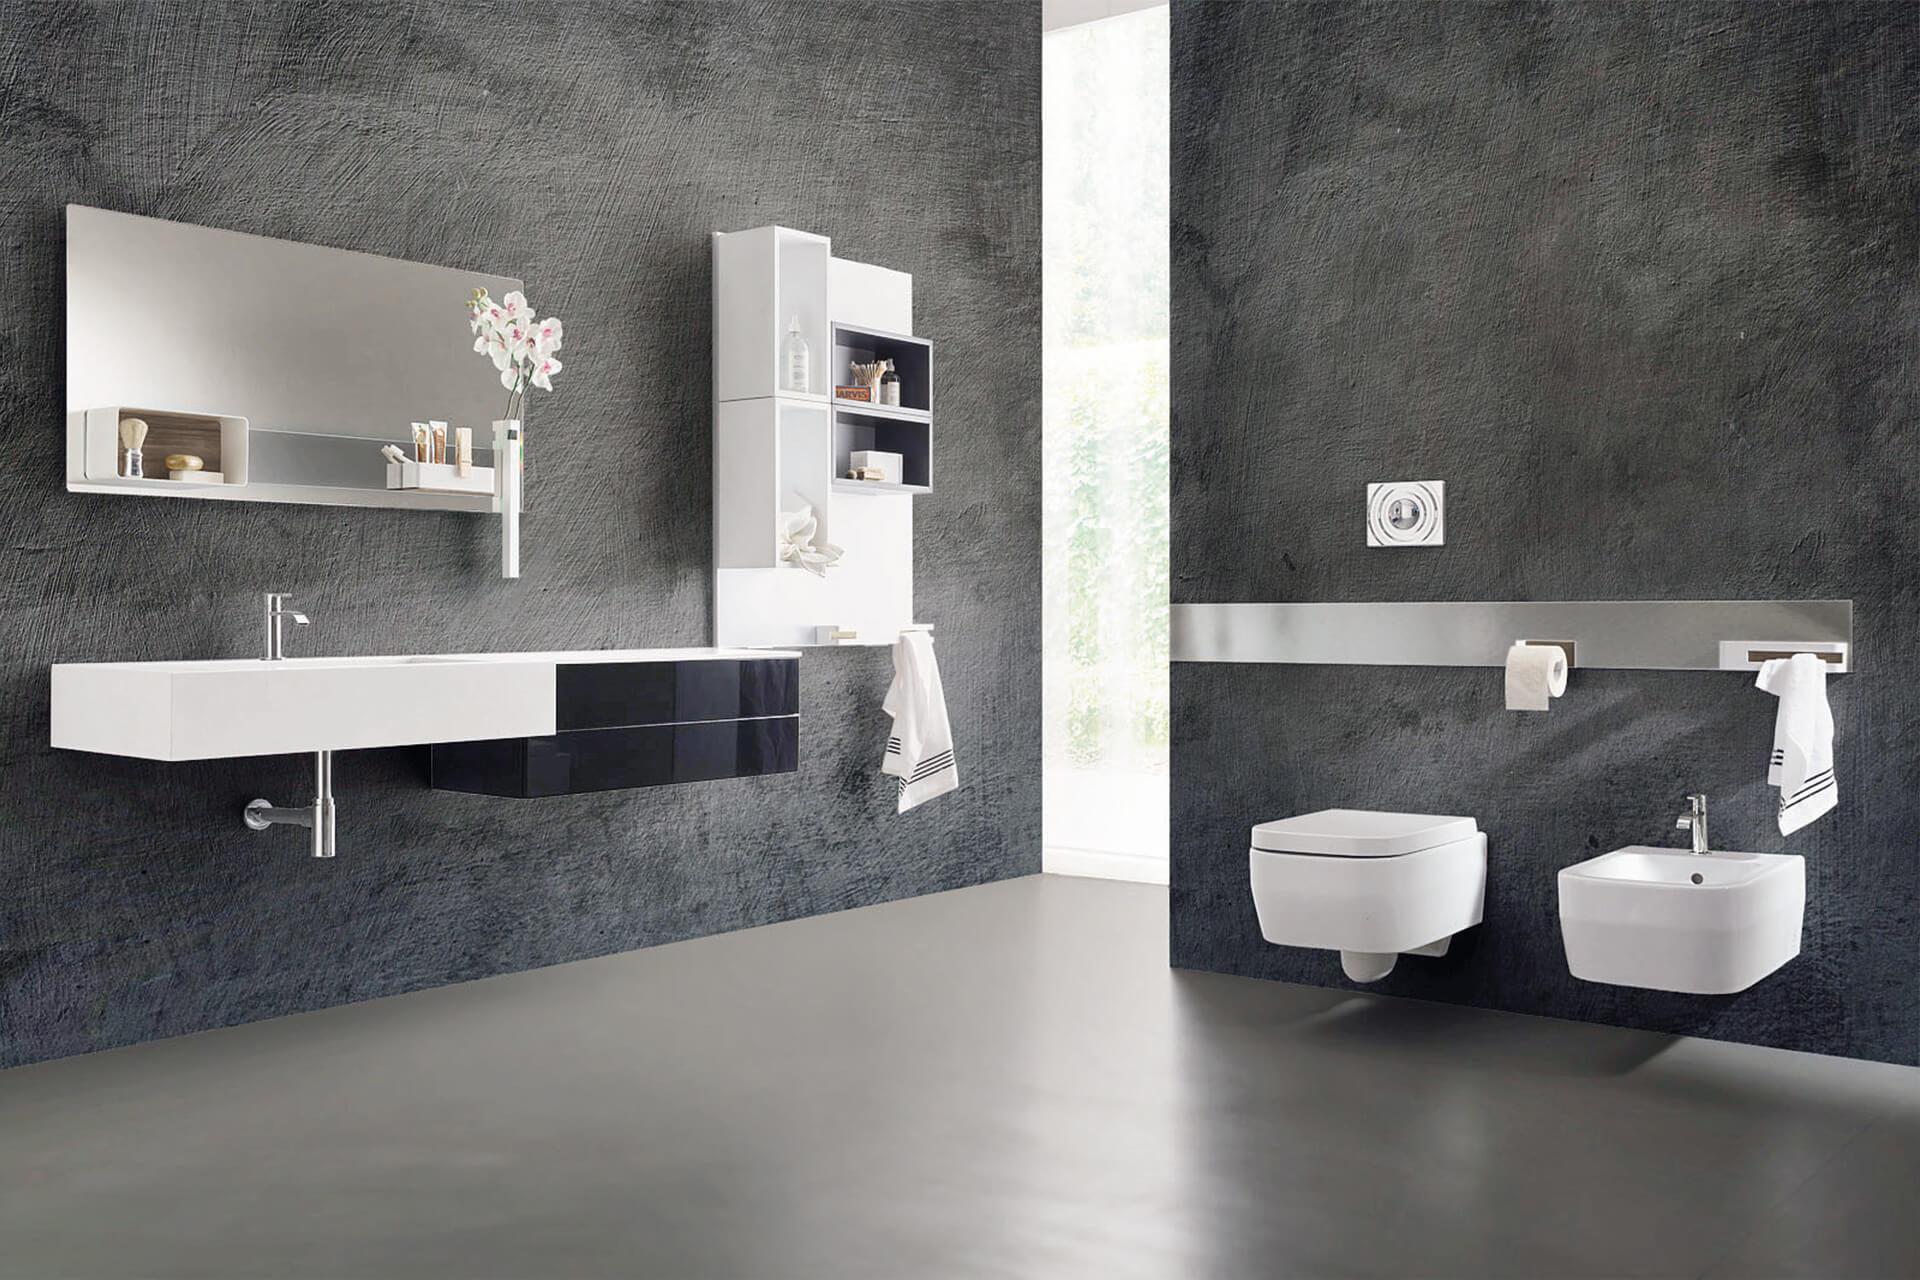 Bagno design arredo bagno magnetika ronda design for Design accessori